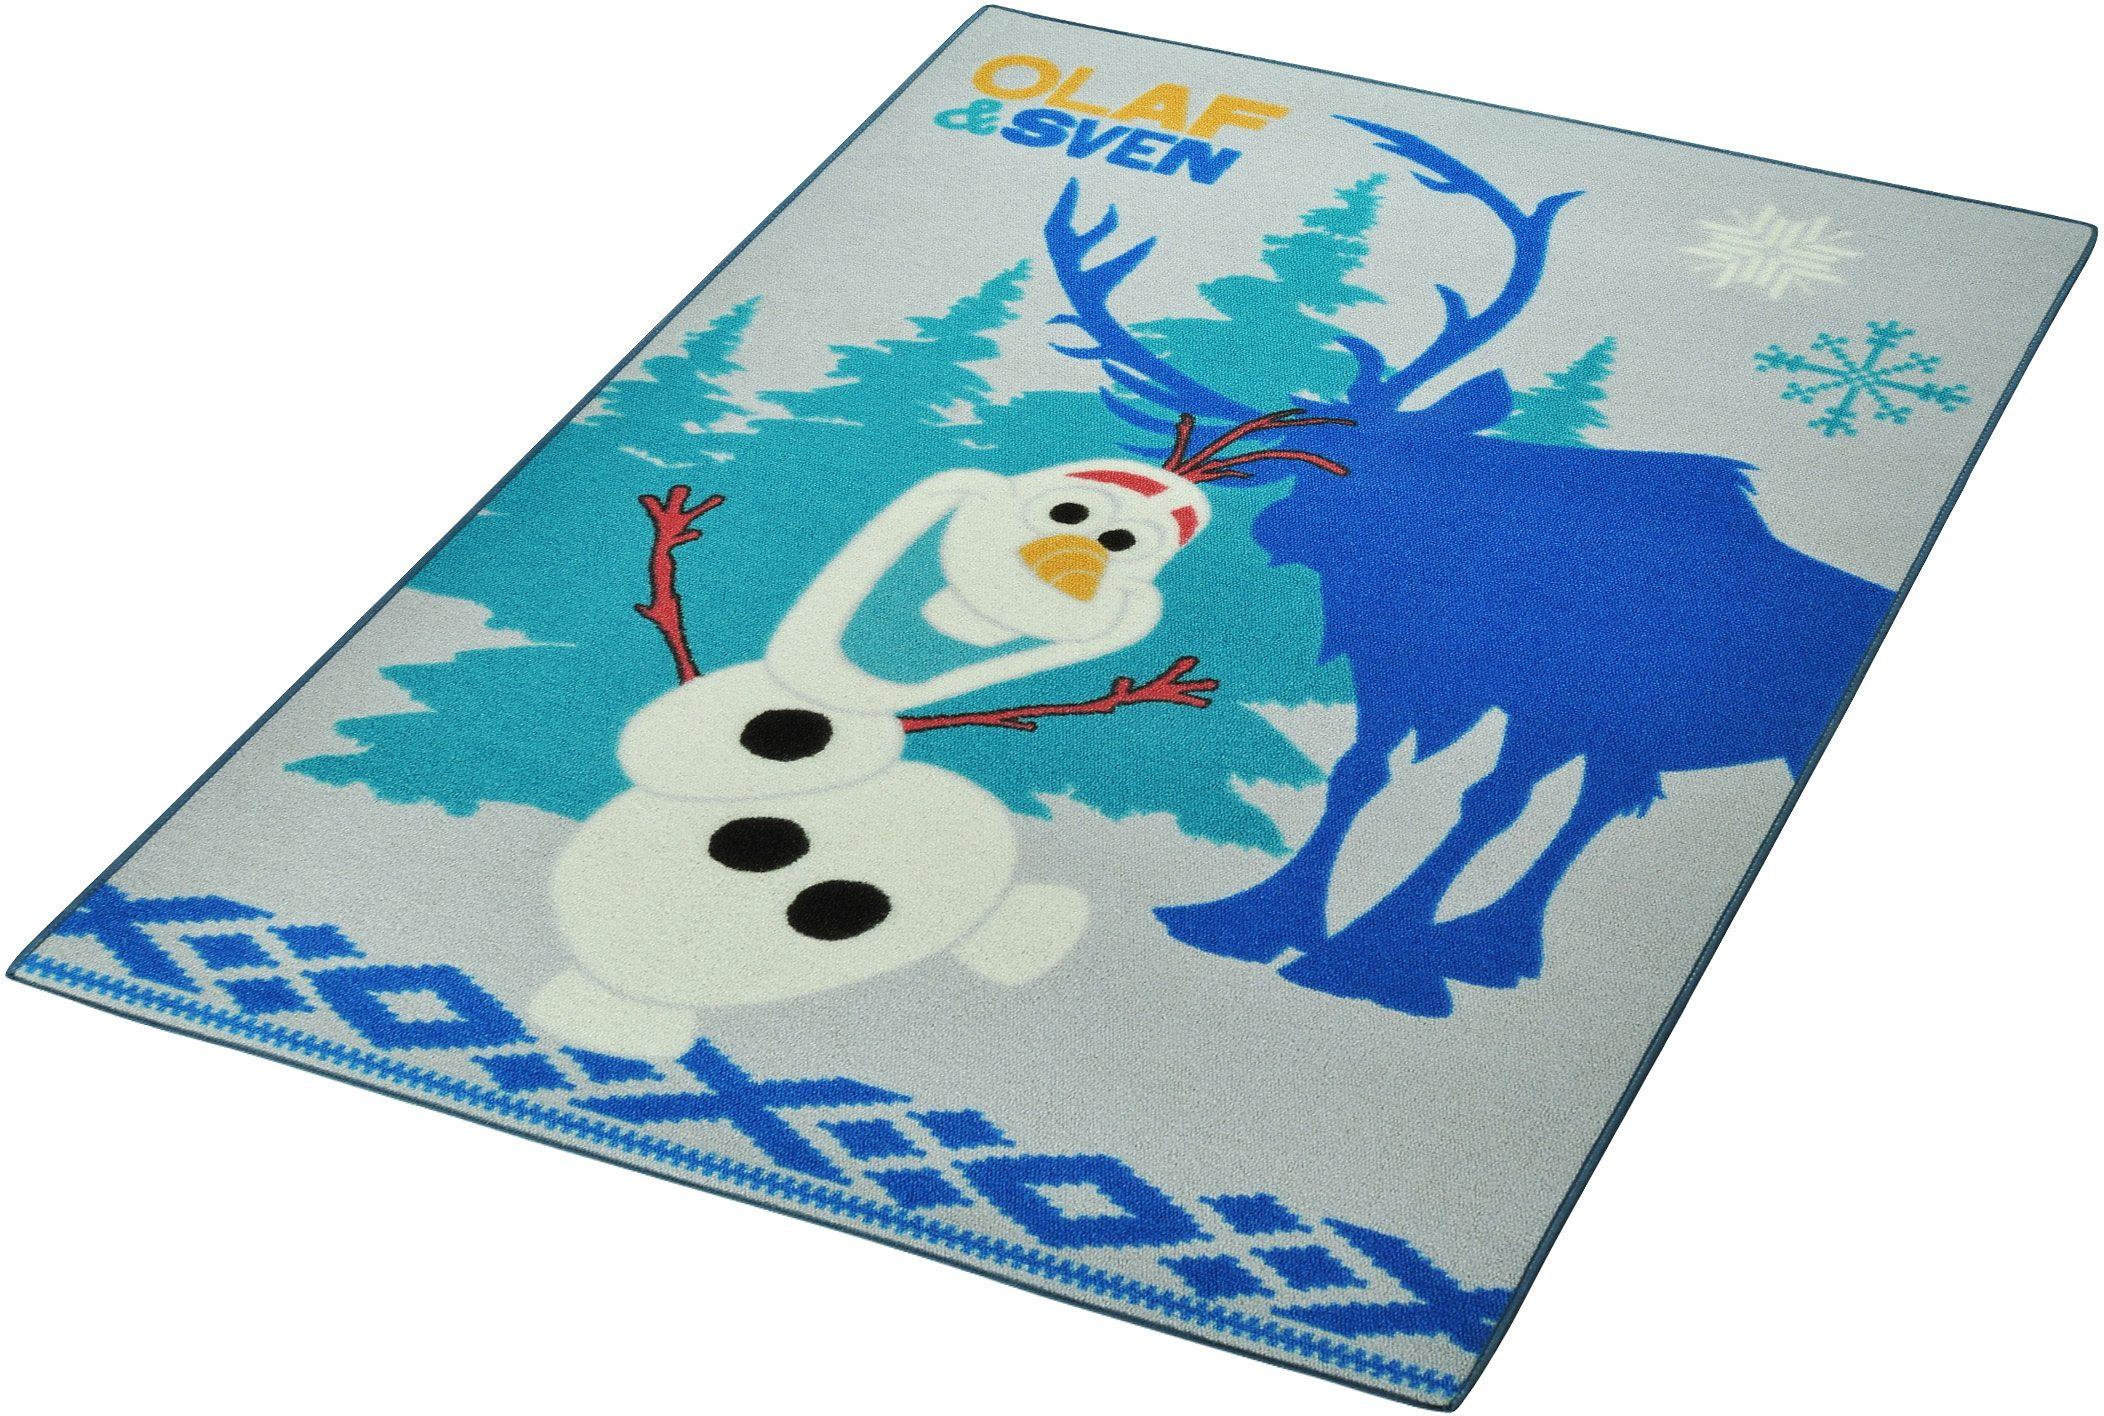 Kinderteppich »Frozen / Die Eiskönigin - Olaf & Sven«, Disney, rechteckig, Höhe 7 mm